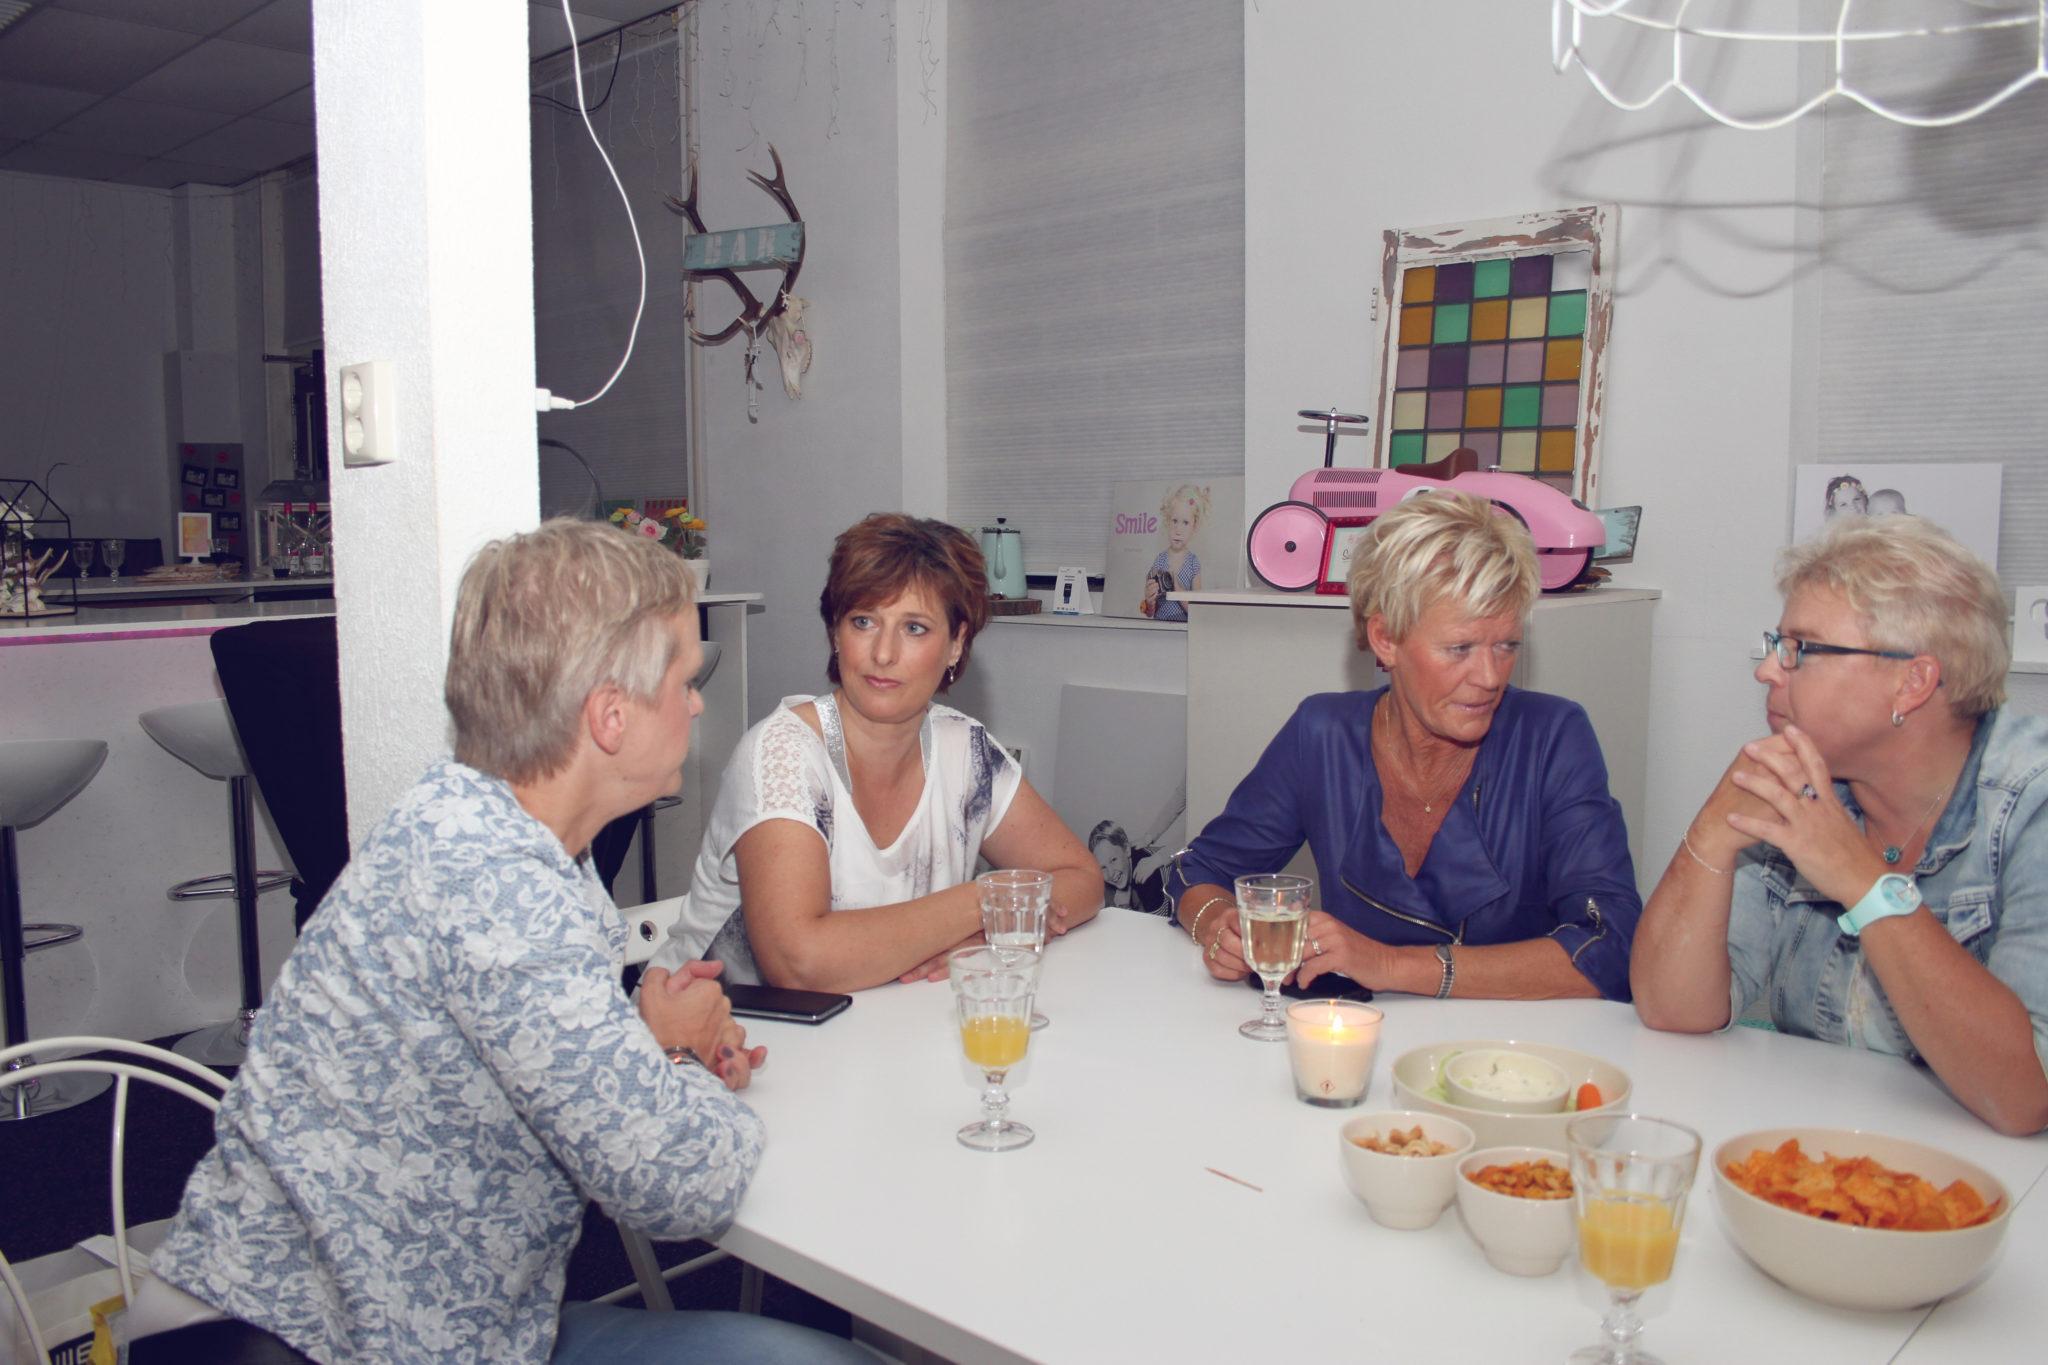 Evenementenfotografie - Evenement - Fotograaf - Suus' FotoSjop - Oldenzaal - Enschede - Hengelo - De Lutte - Losser - Denekamp - Handlettering - Workshop - Visagie - Fardau - Glamourshoot